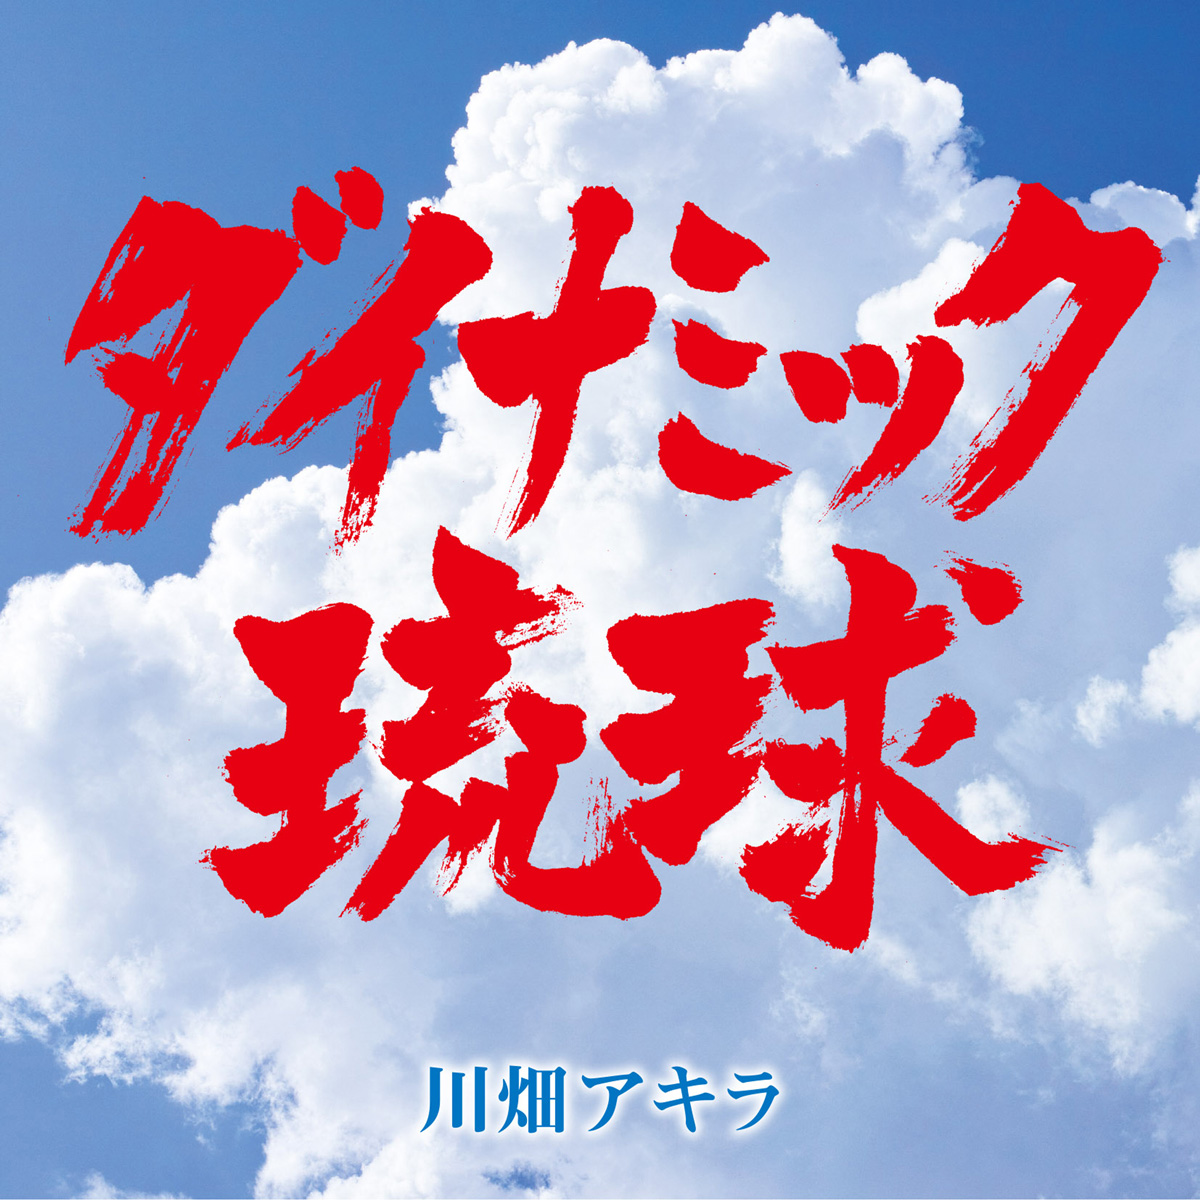 琉球 エイサー ダイナミック